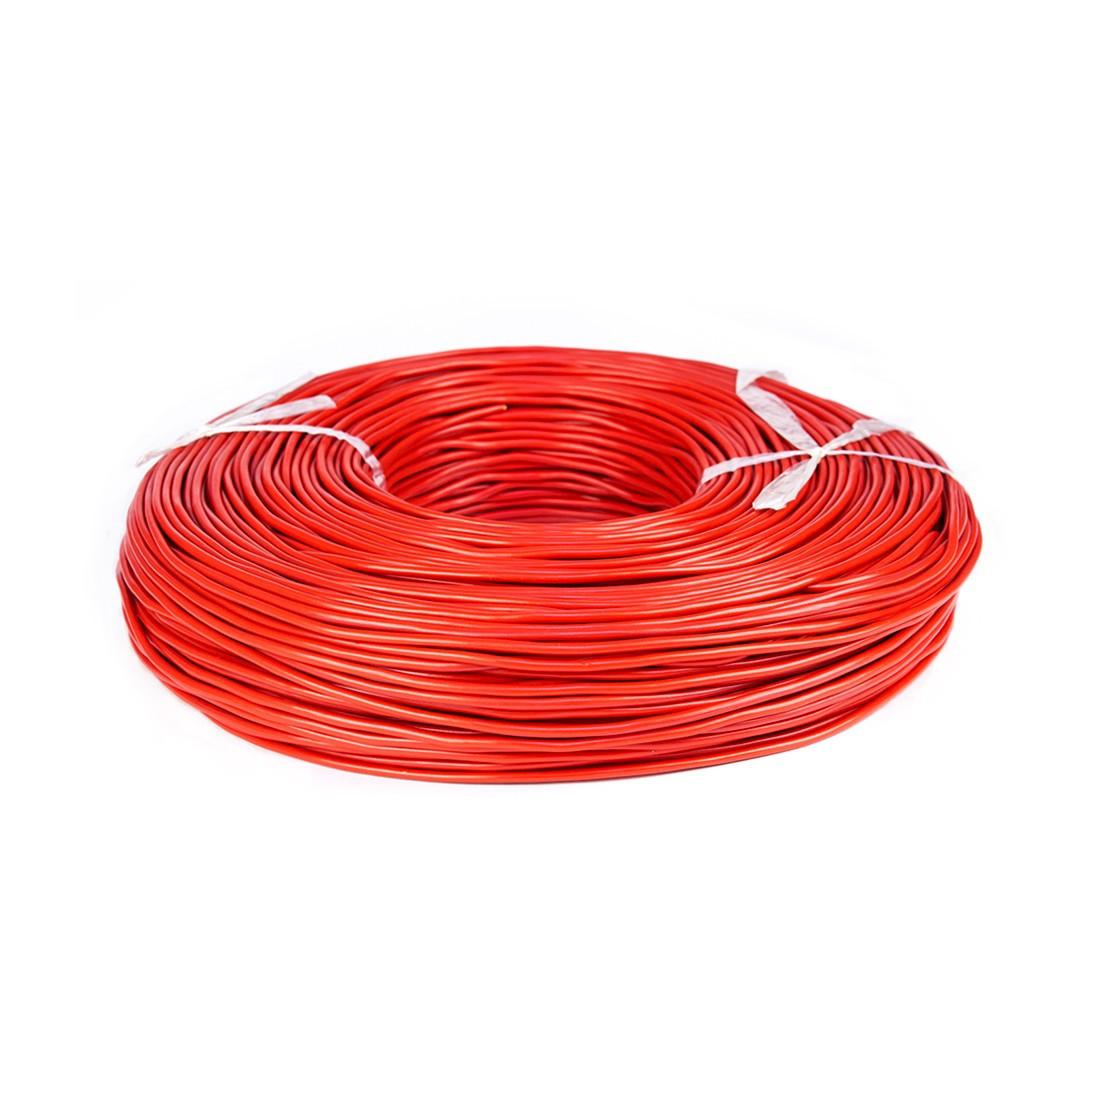 Провод монтажный iPower RV 1х1.5 красный